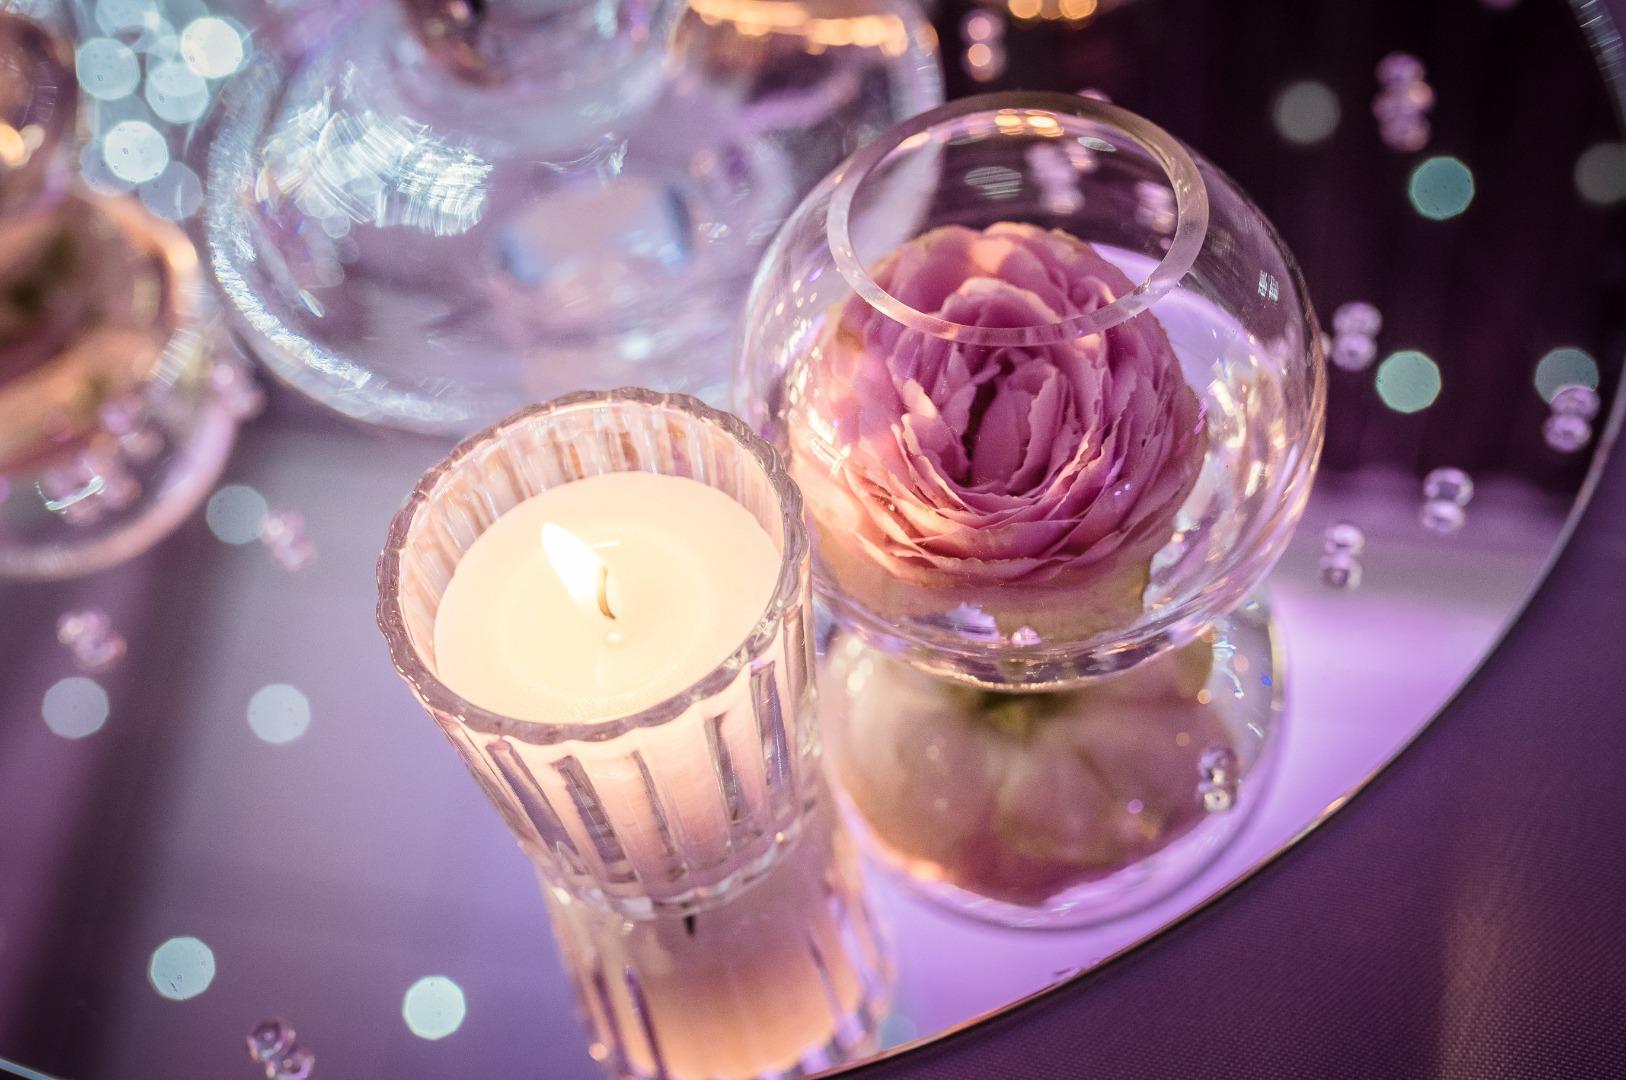 Bougie miroir et rose La Dolce Vita organisation de mariages Toulouse.jpg